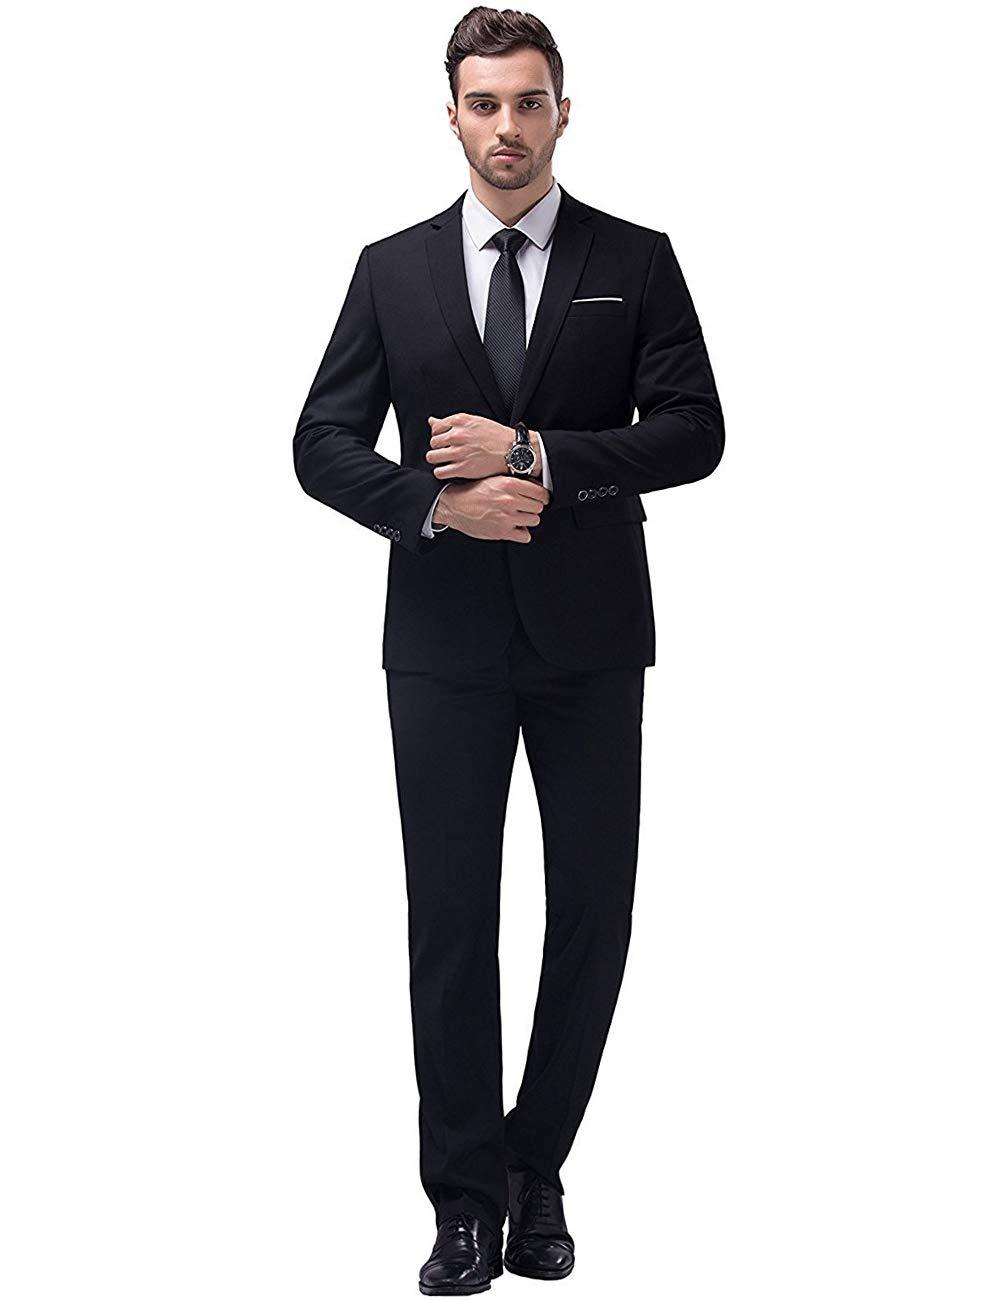 YIMANIE Men's Suit Slim Fit One Button 2 Piece Suit Tuxedo Business Wedding Party Casual